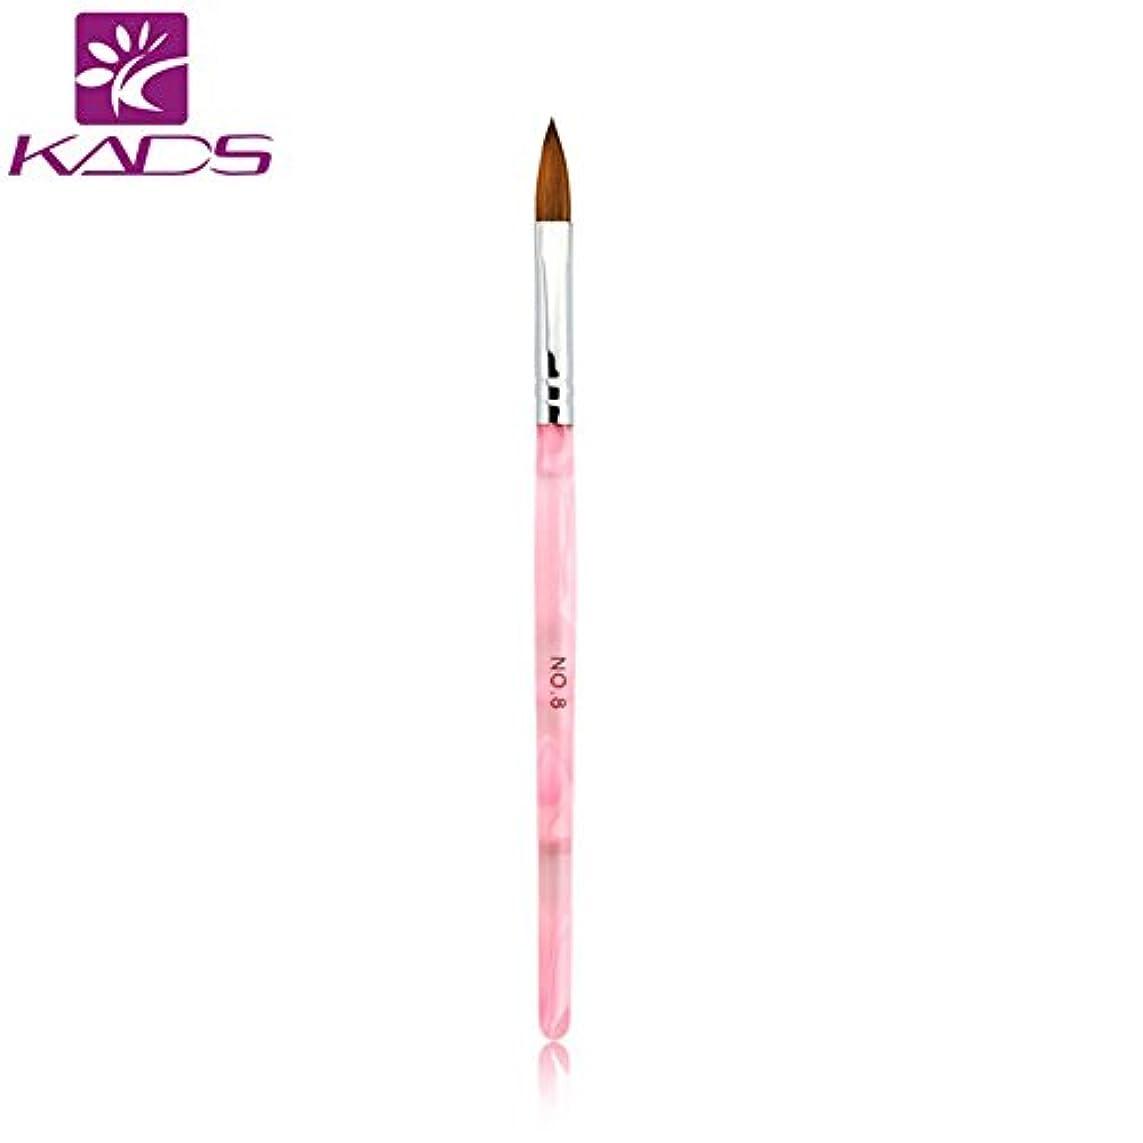 防止話受益者KADS アクリル用ネイル筆/ブラシ 1本 8# コリンスキー筆 ネイルアートペンネイルアートツール (8#)